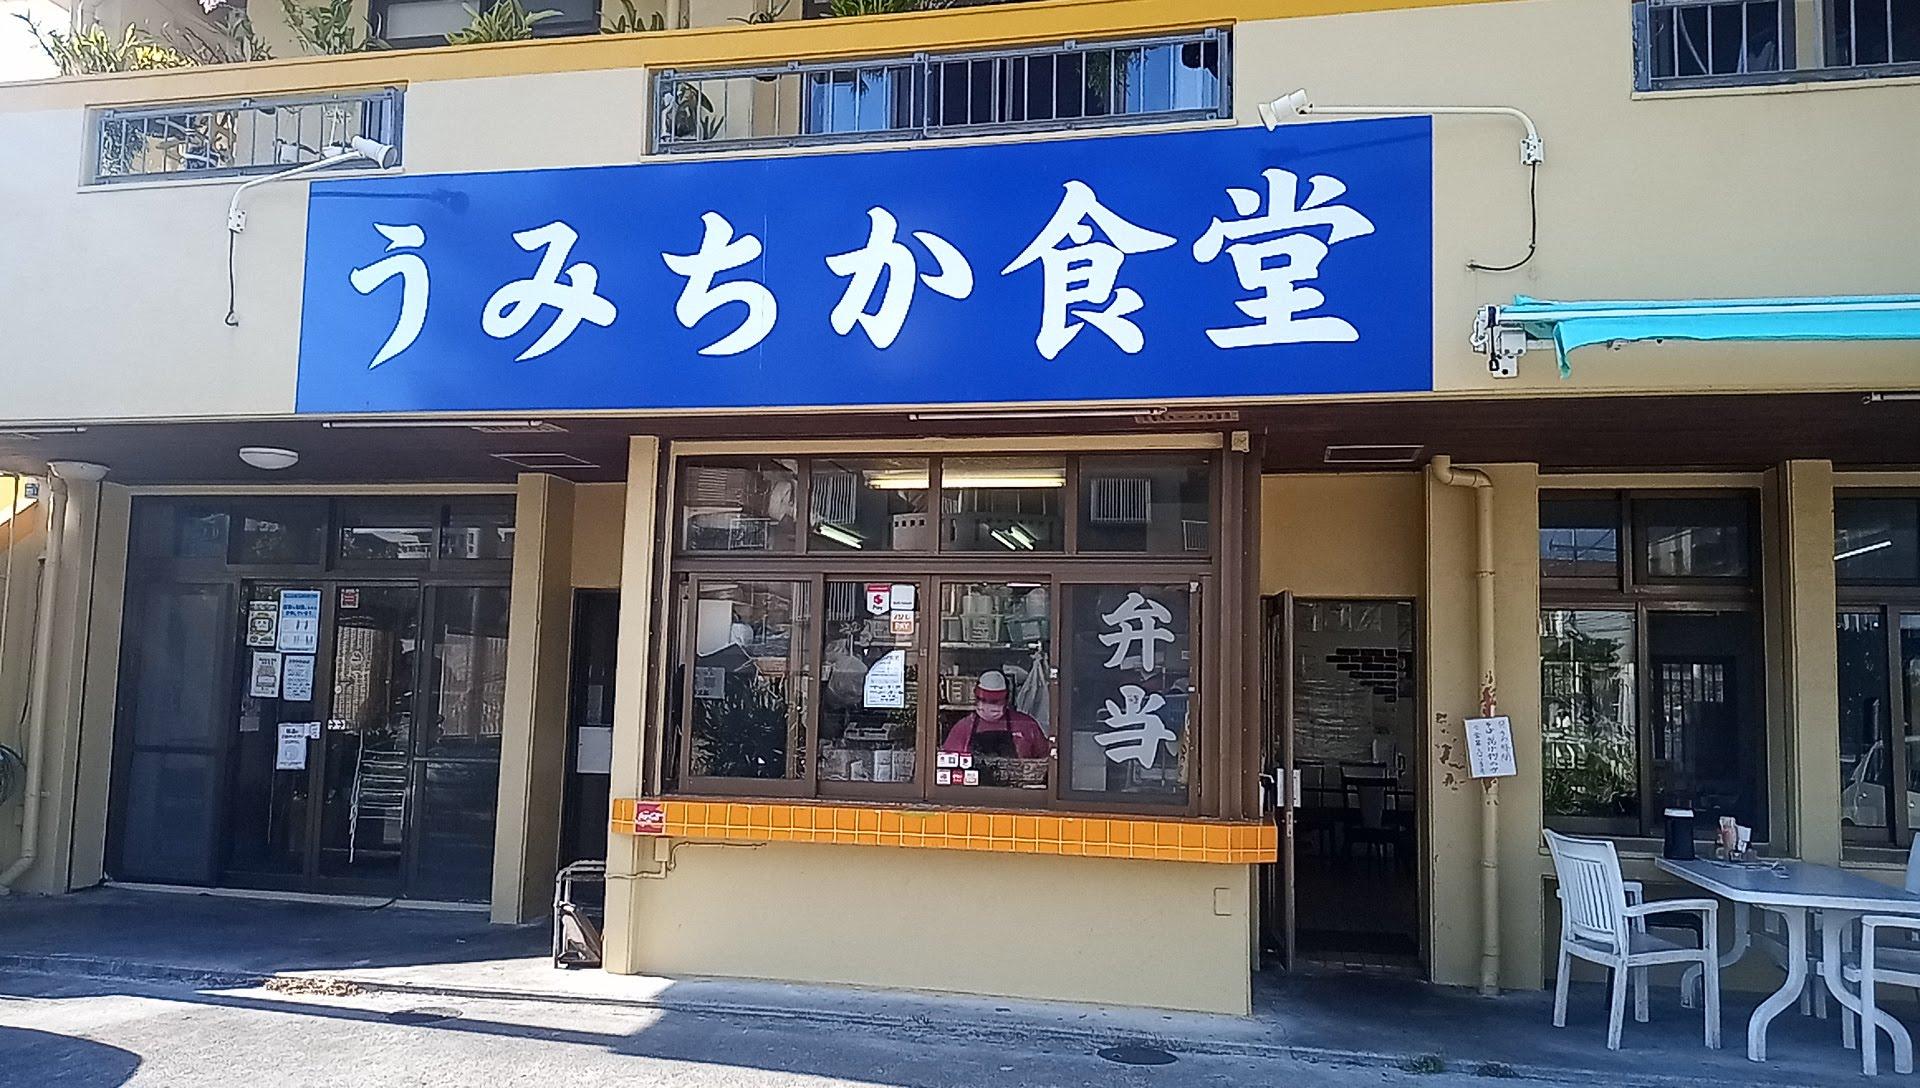 沖縄そばや定食メニュー豊富の大衆食堂、うみちか食堂